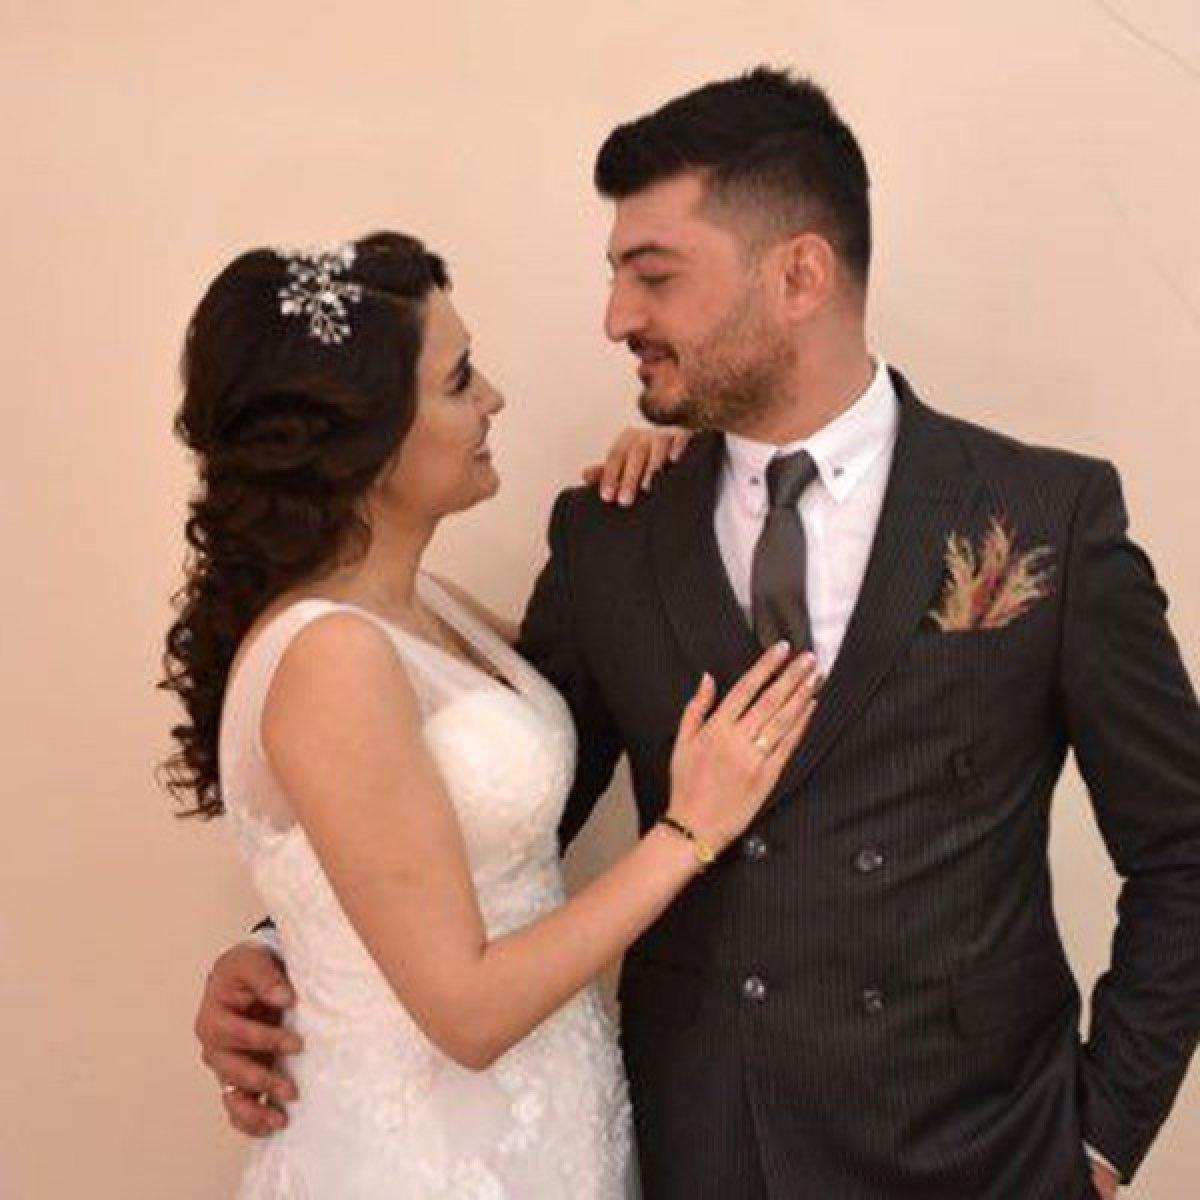 Yozgat ta düğününden 6 gün önce öldürüldü  #1